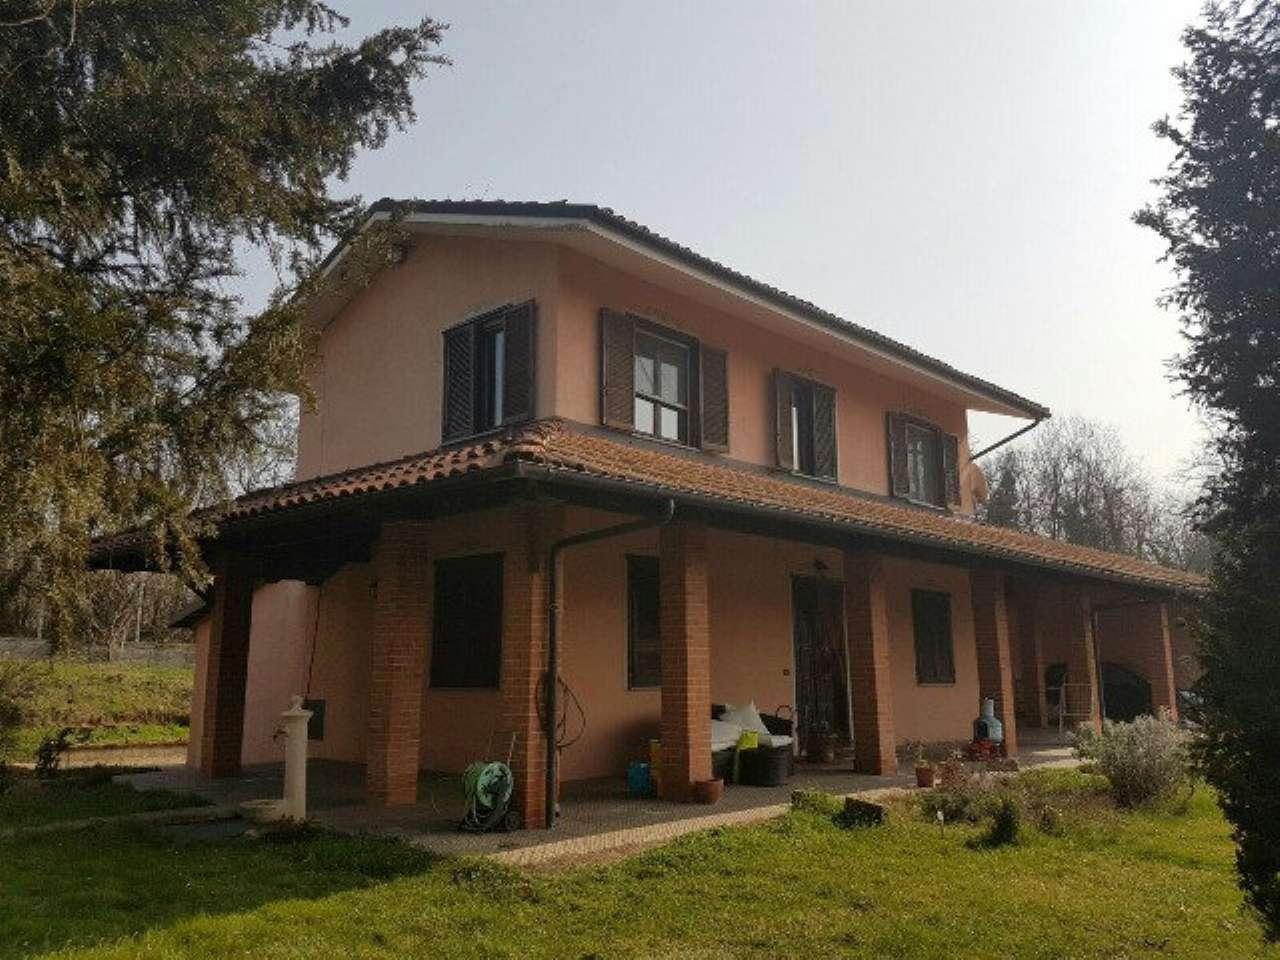 Soluzione Indipendente in vendita a Capriglio, 5 locali, prezzo € 195.000 | Cambio Casa.it